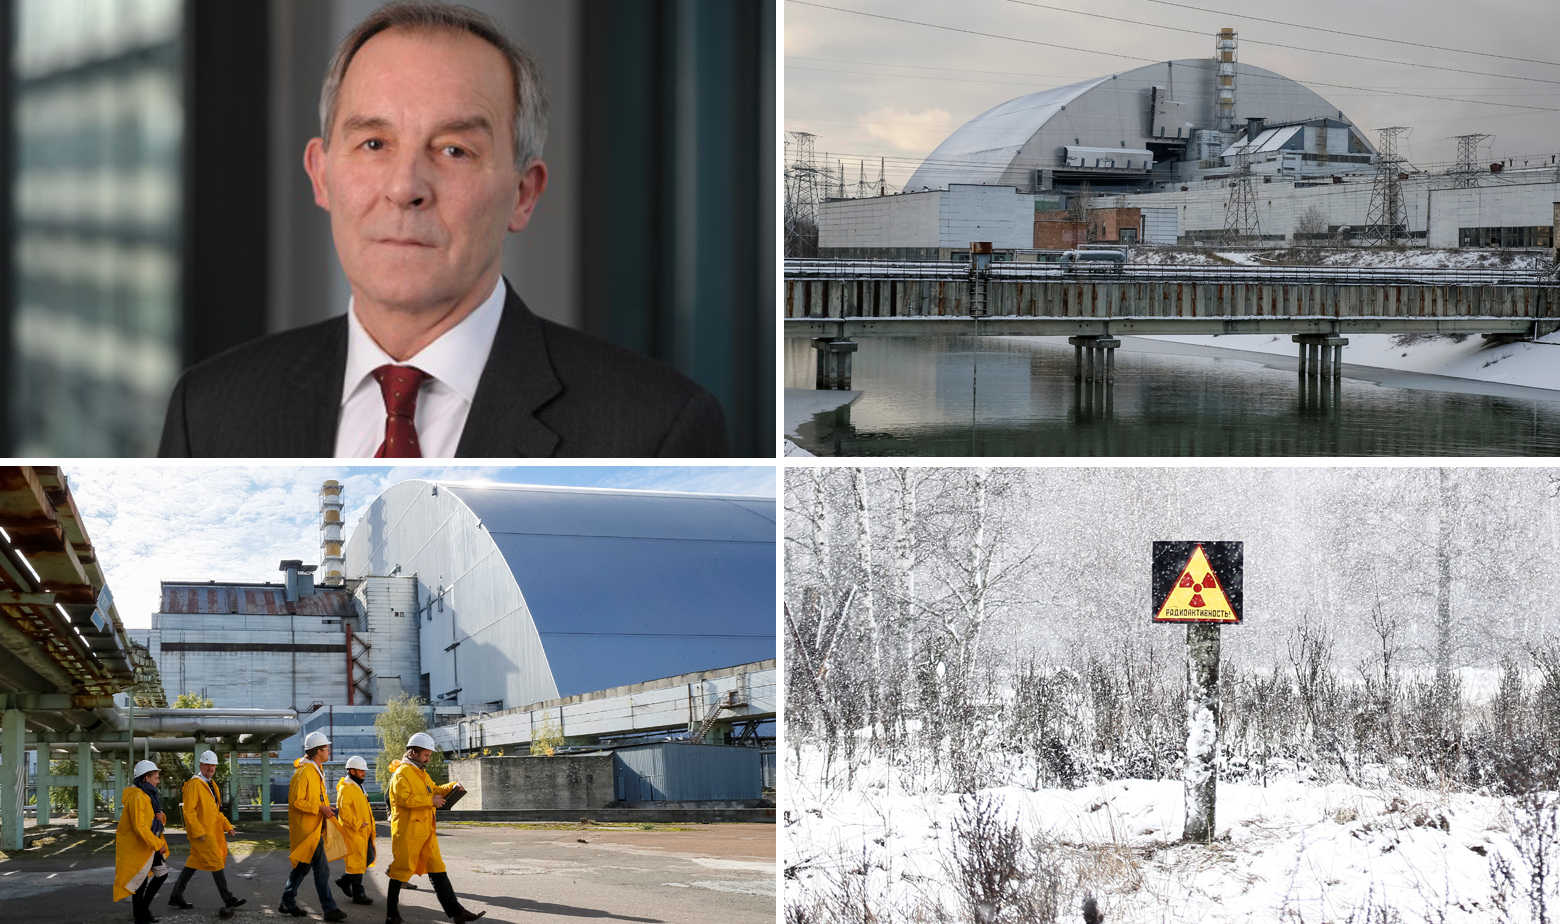 Vince Novak i željezni svod nad reaktorom i sarkofagom u Černobilu